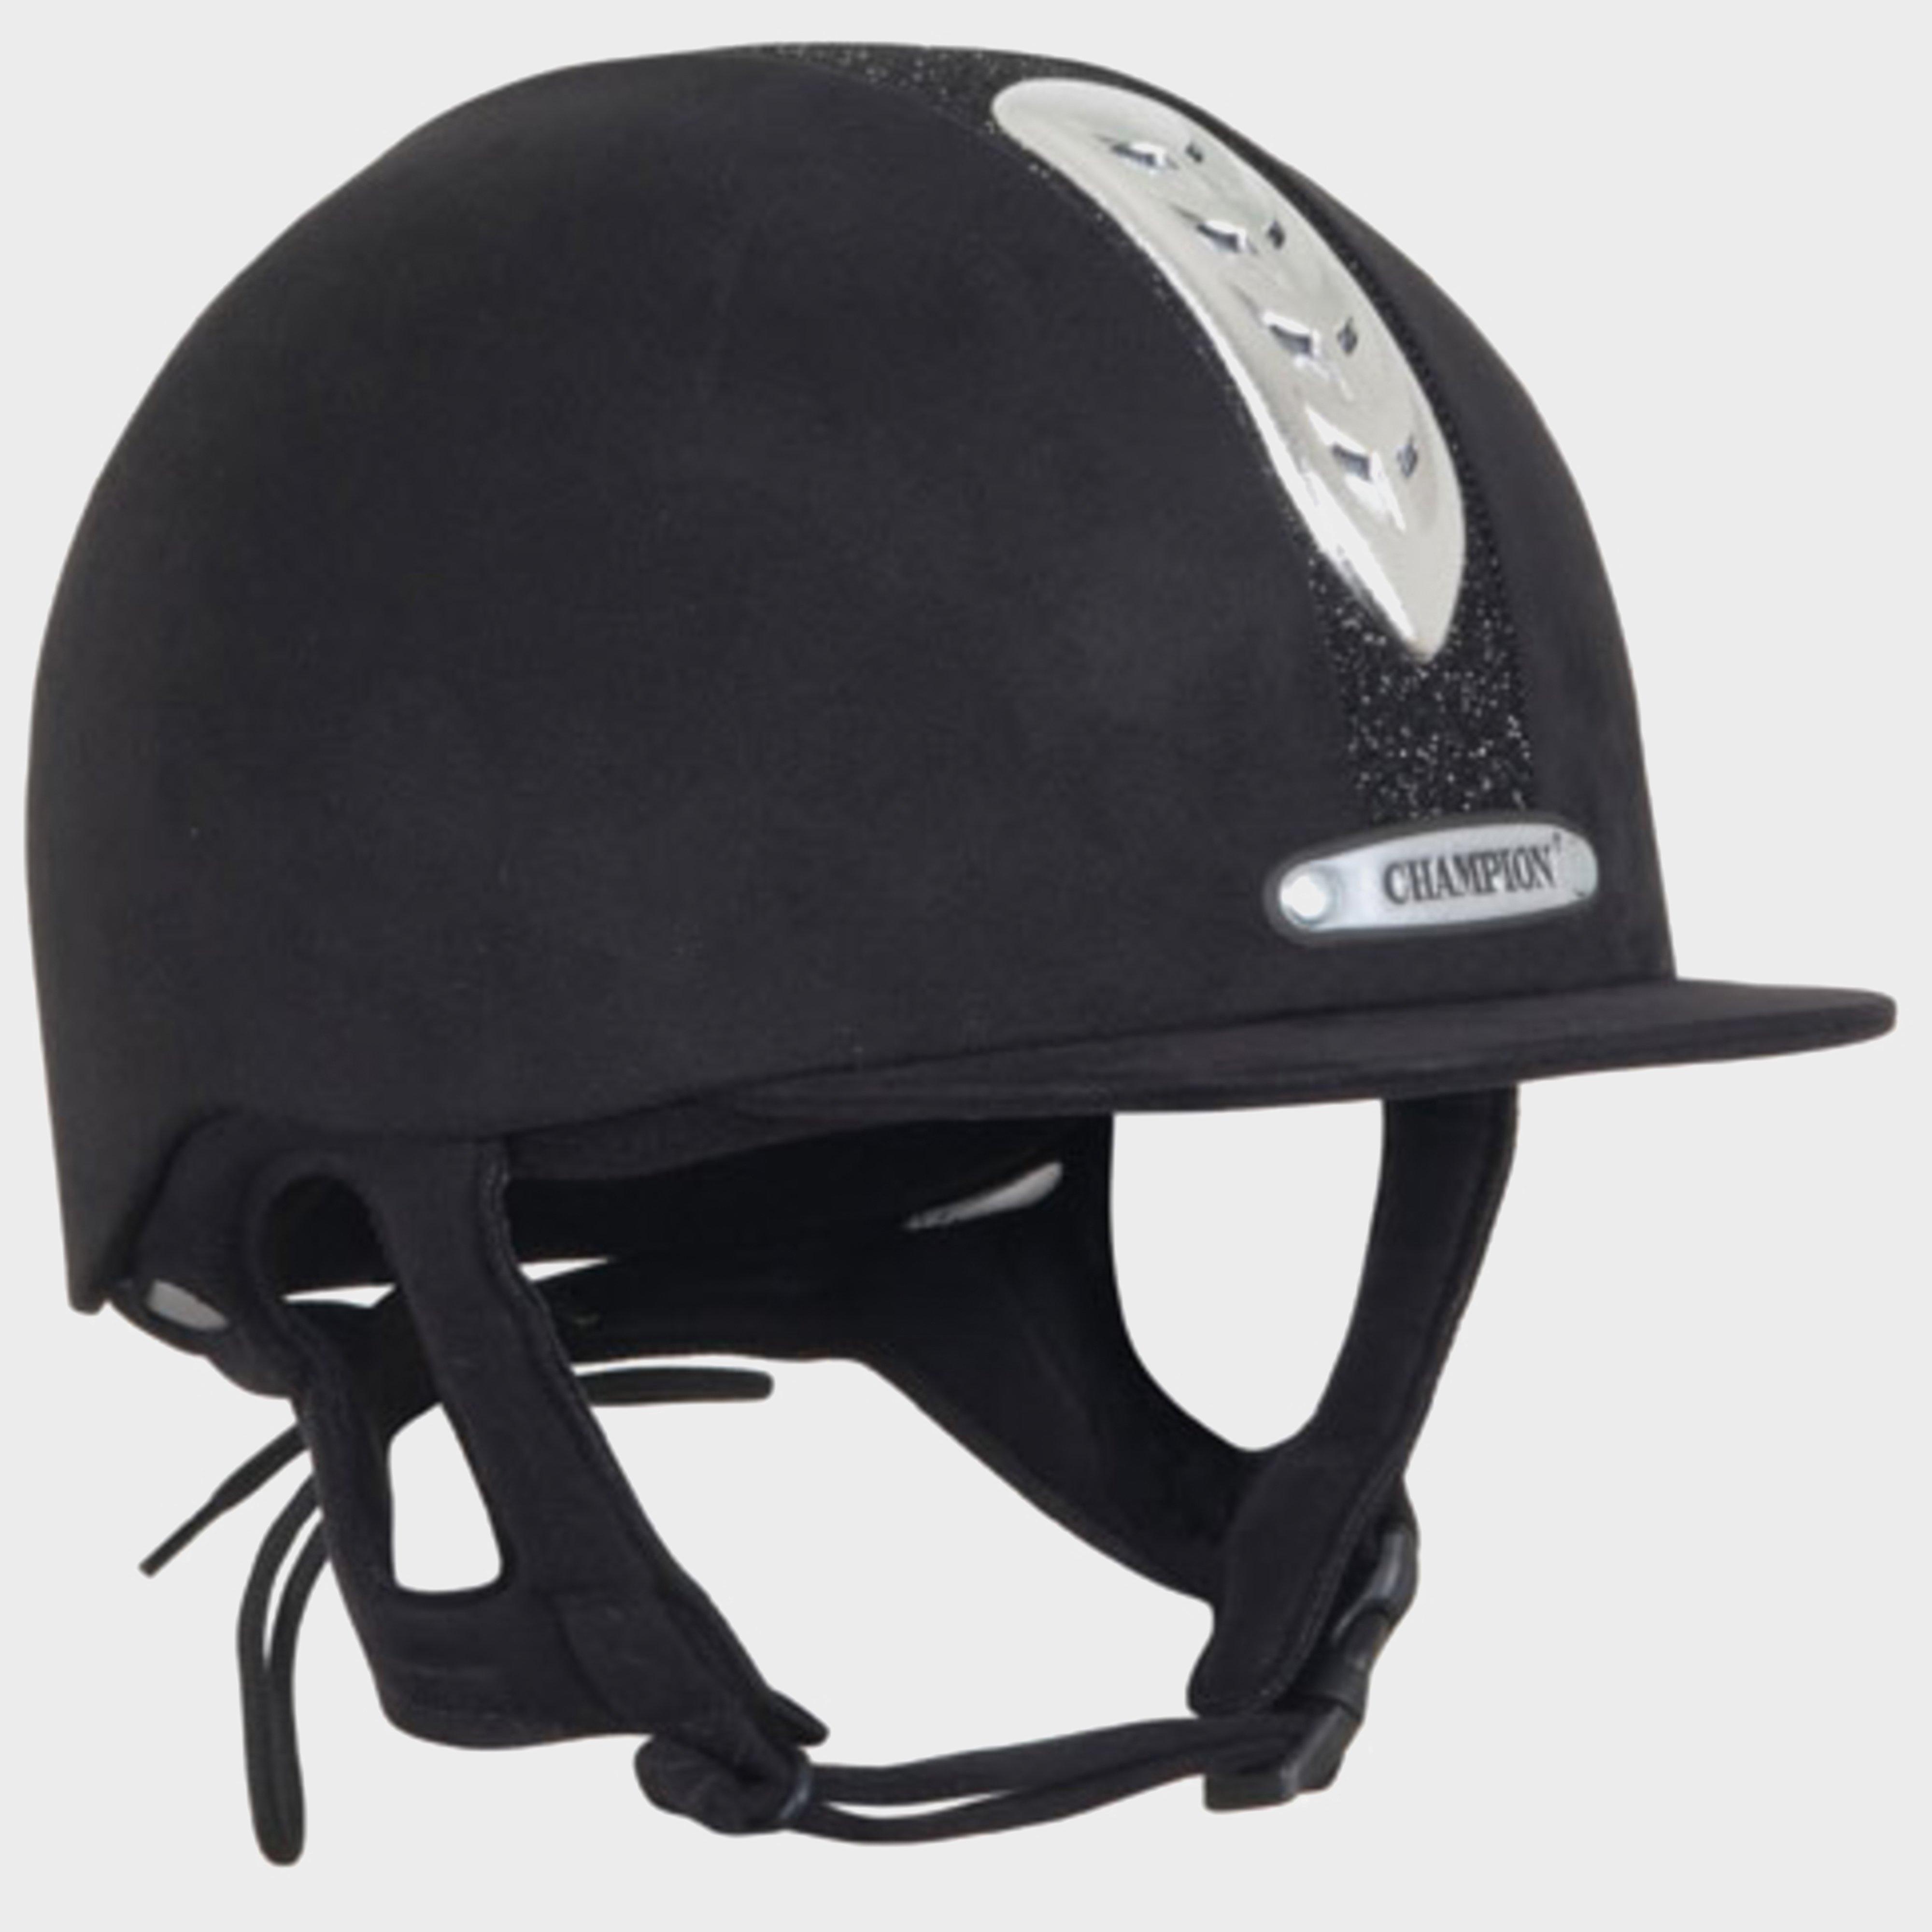 Champion Junior X-air Dazle Plus Riding Helmet - Black/plus  Black/plus